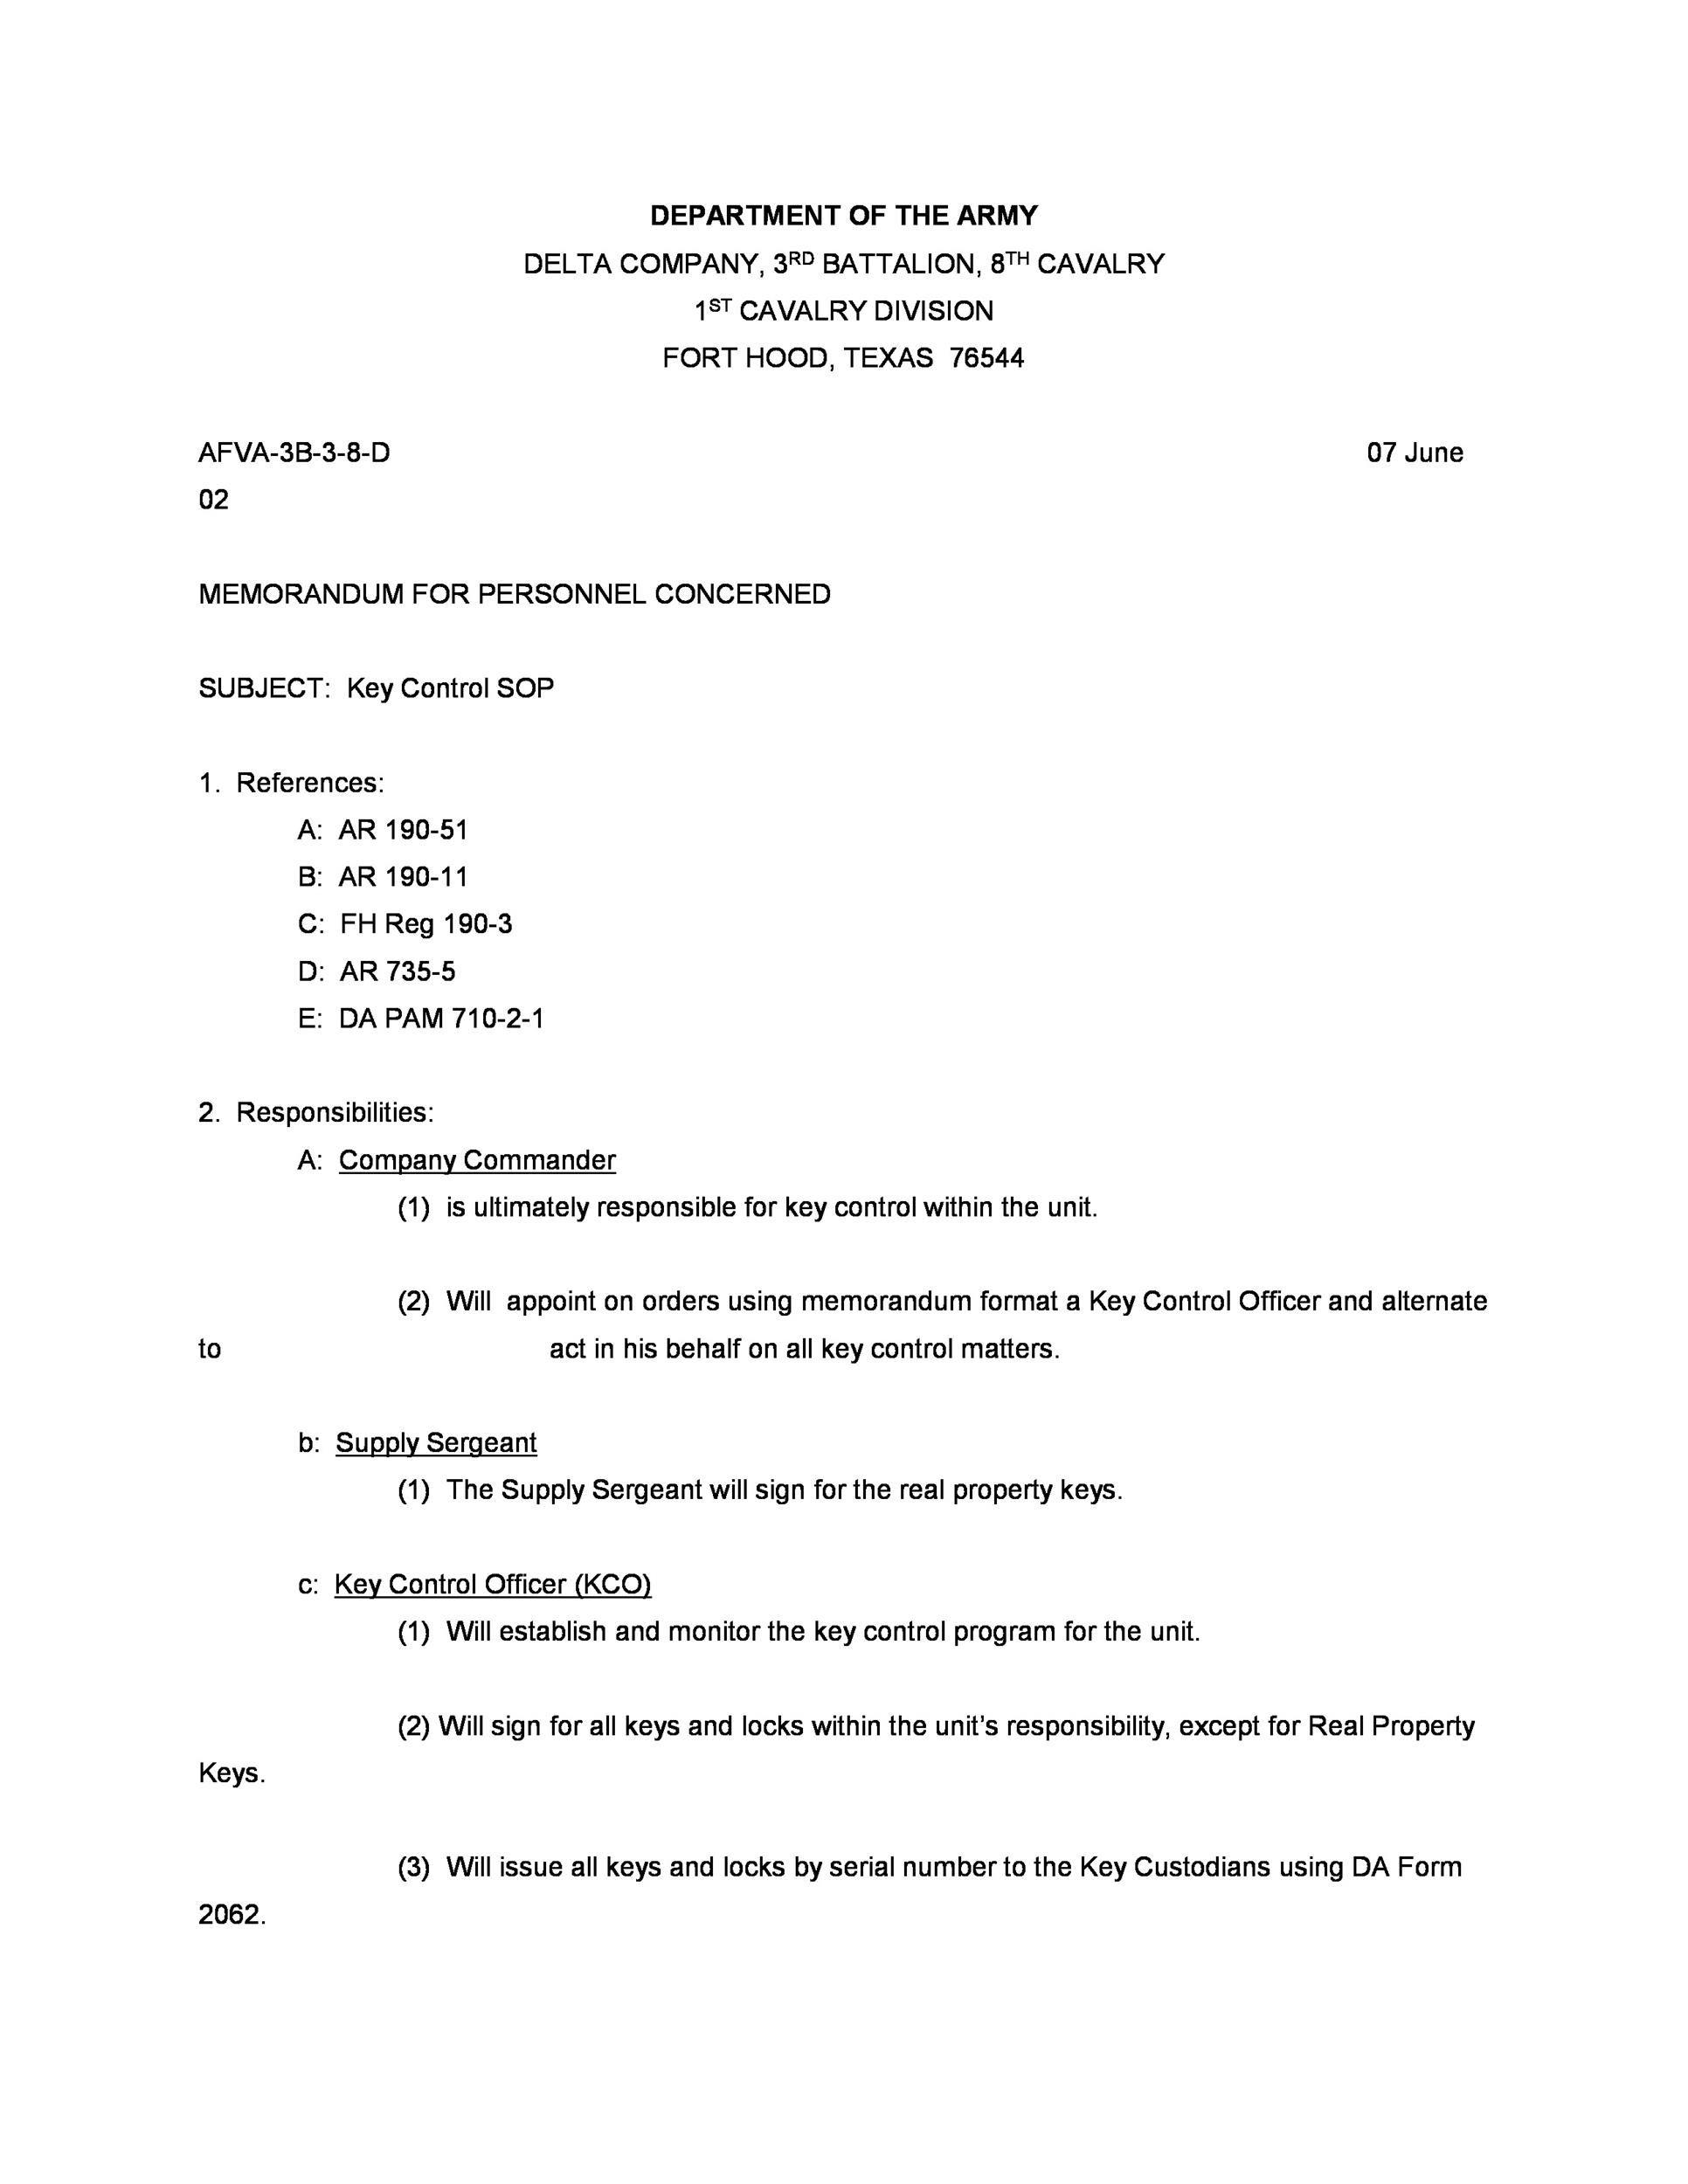 008 Beautiful Private Placement Memorandum Format Sample  Template Canada Form UkFull